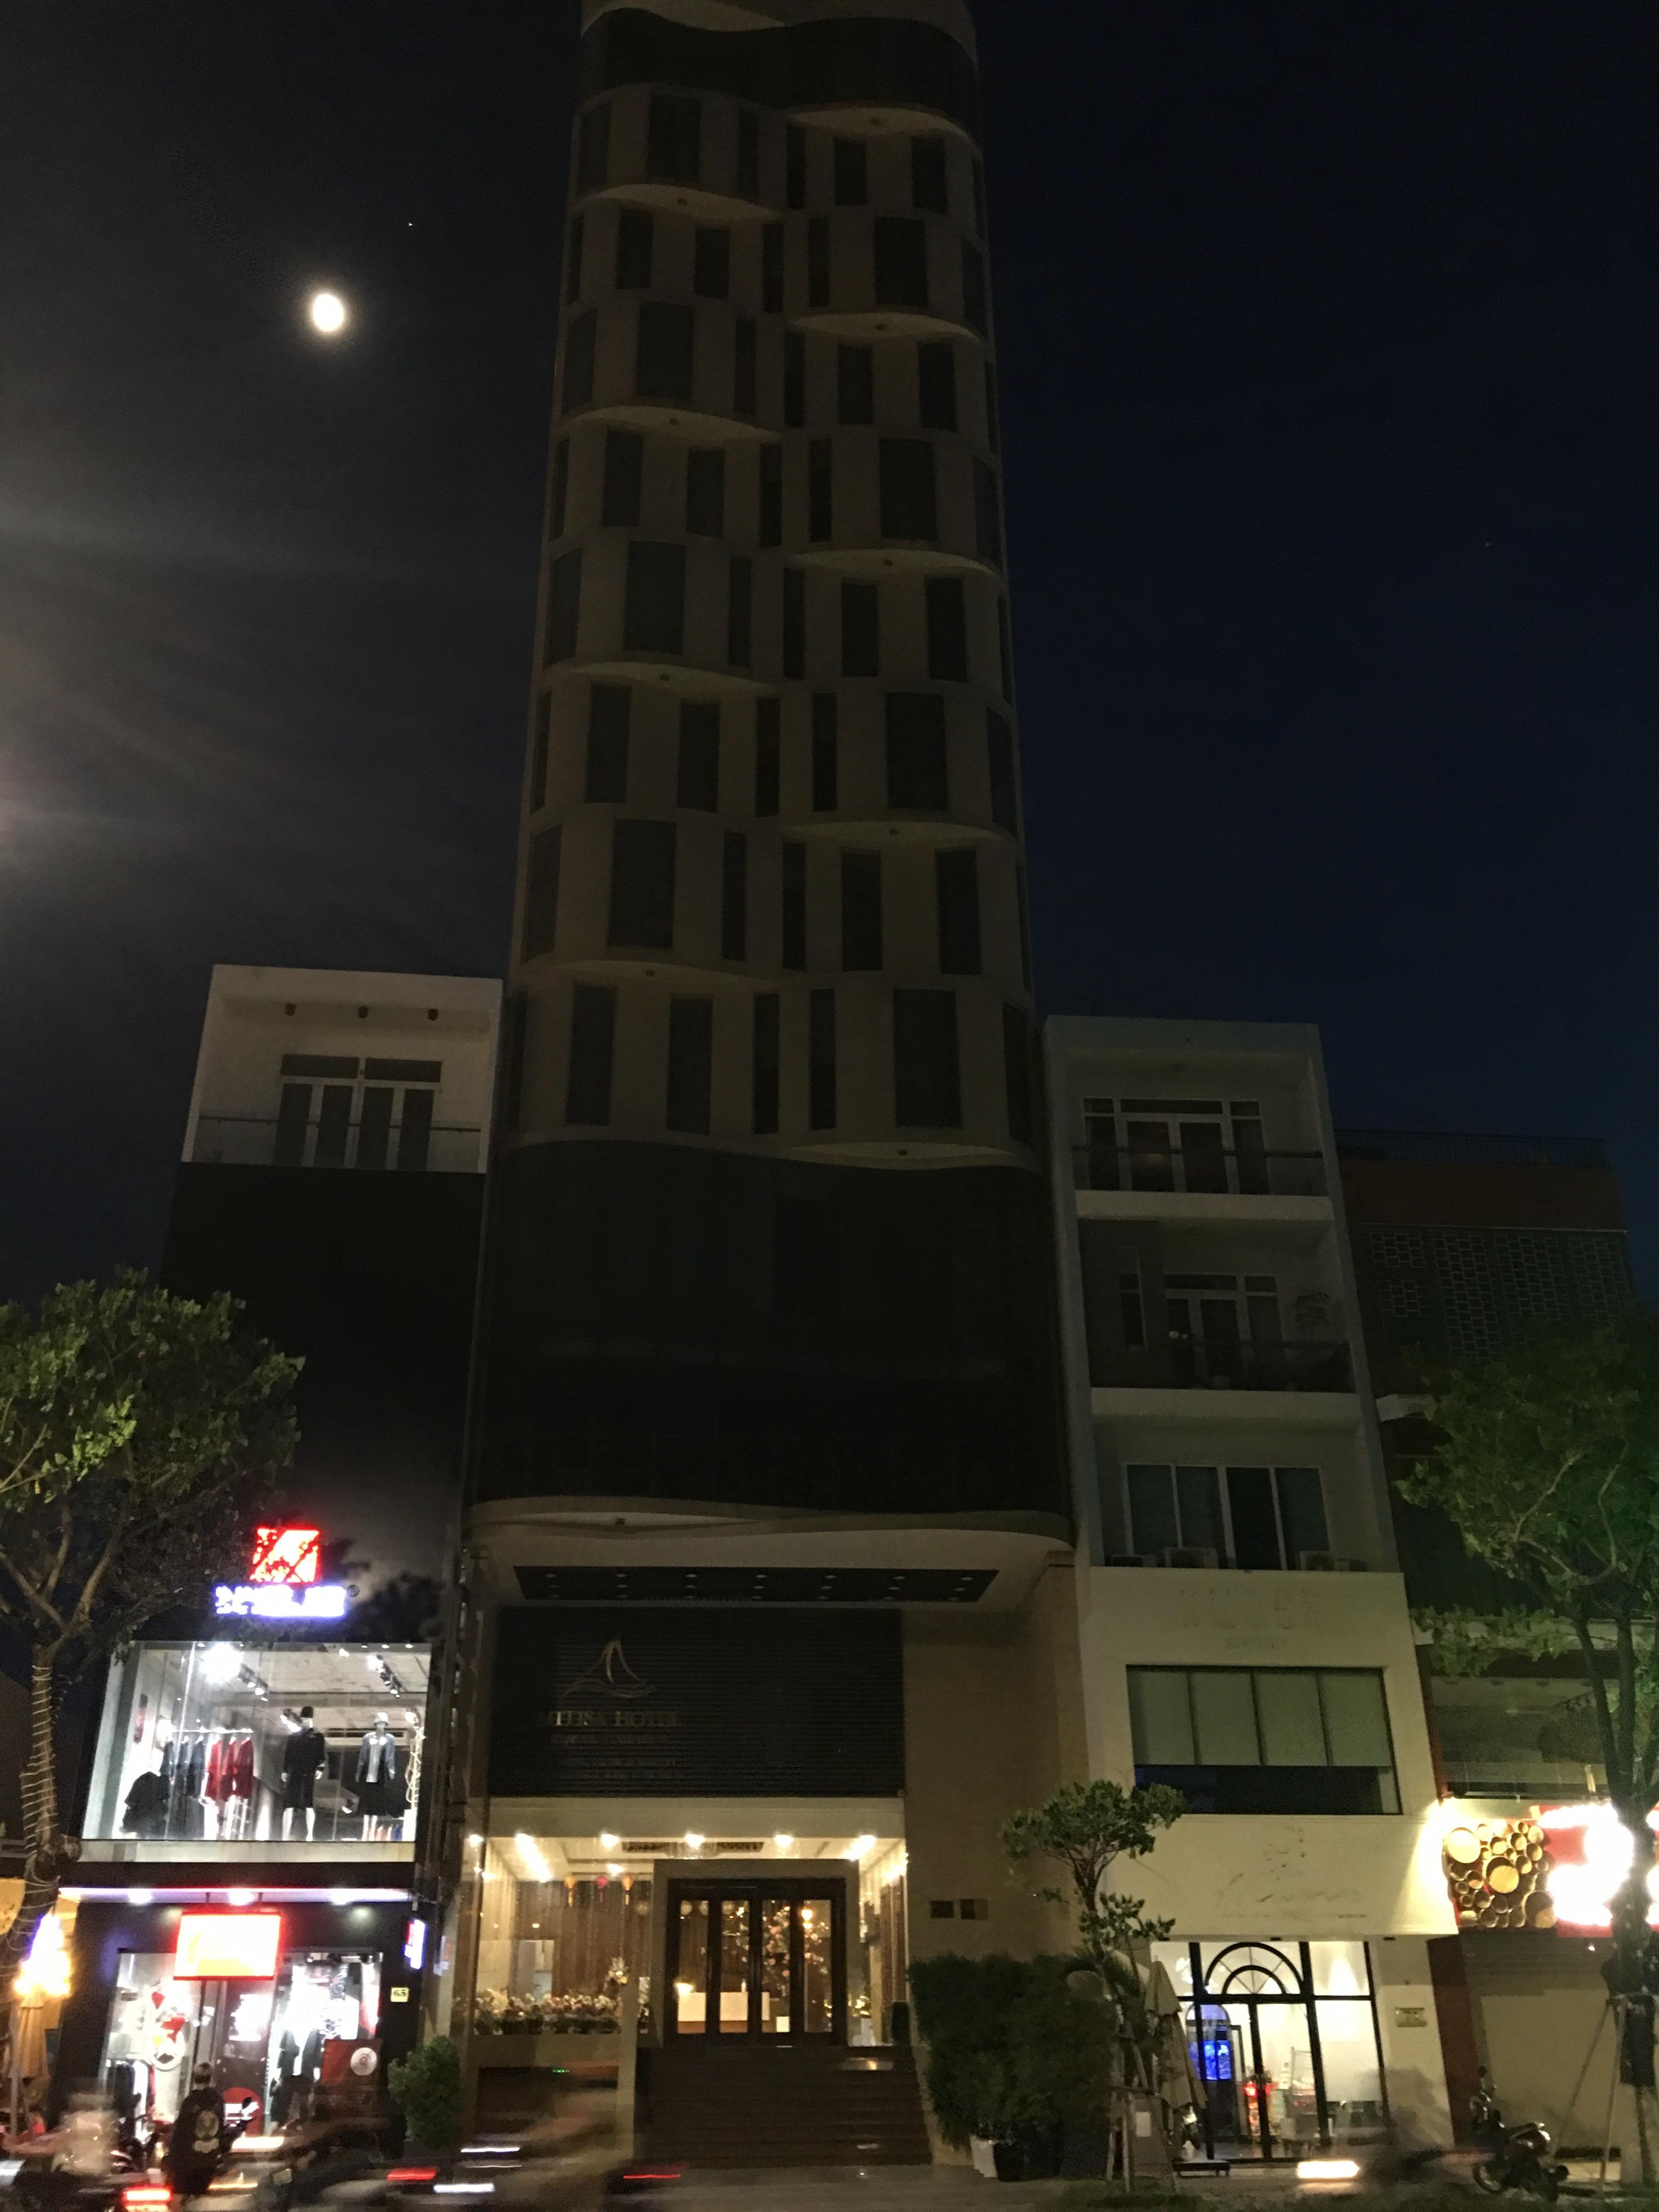 Phố khách sạn Đà Nẵng 'tối đèn', rao bán hàng trăm tỉ đồng - Ảnh 10.